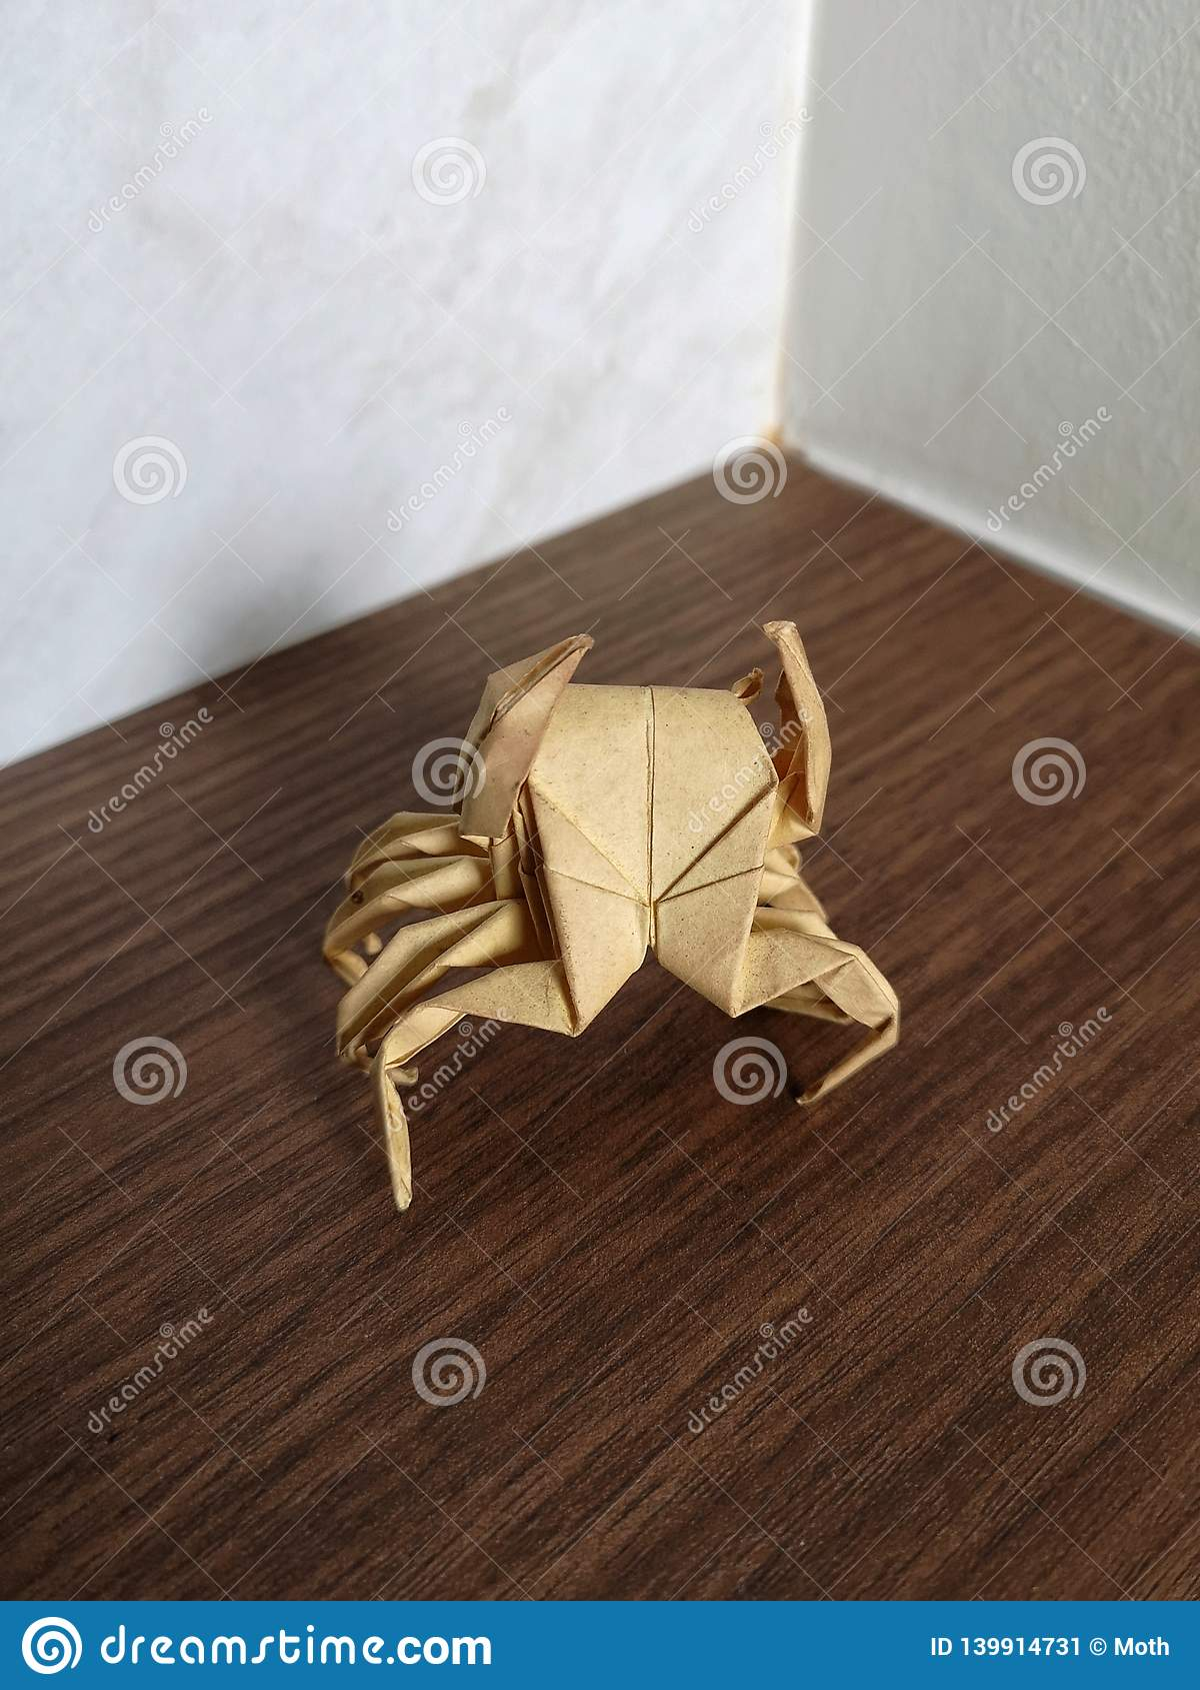 Origami Paper -